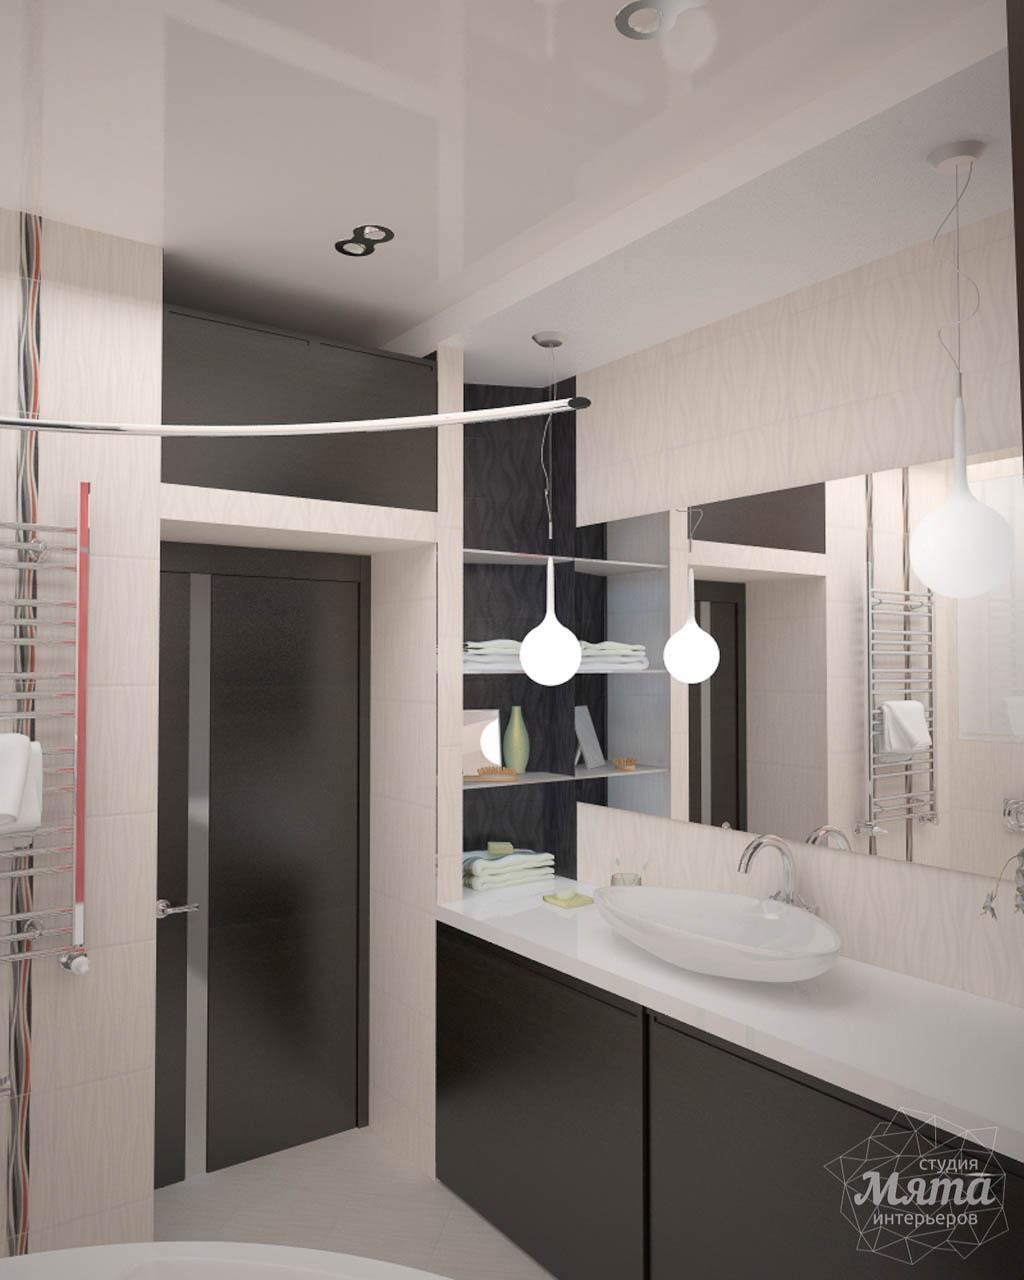 Дизайн интерьера и ремонт трехкомнатной квартиры по ул. Попова 33а img74483910